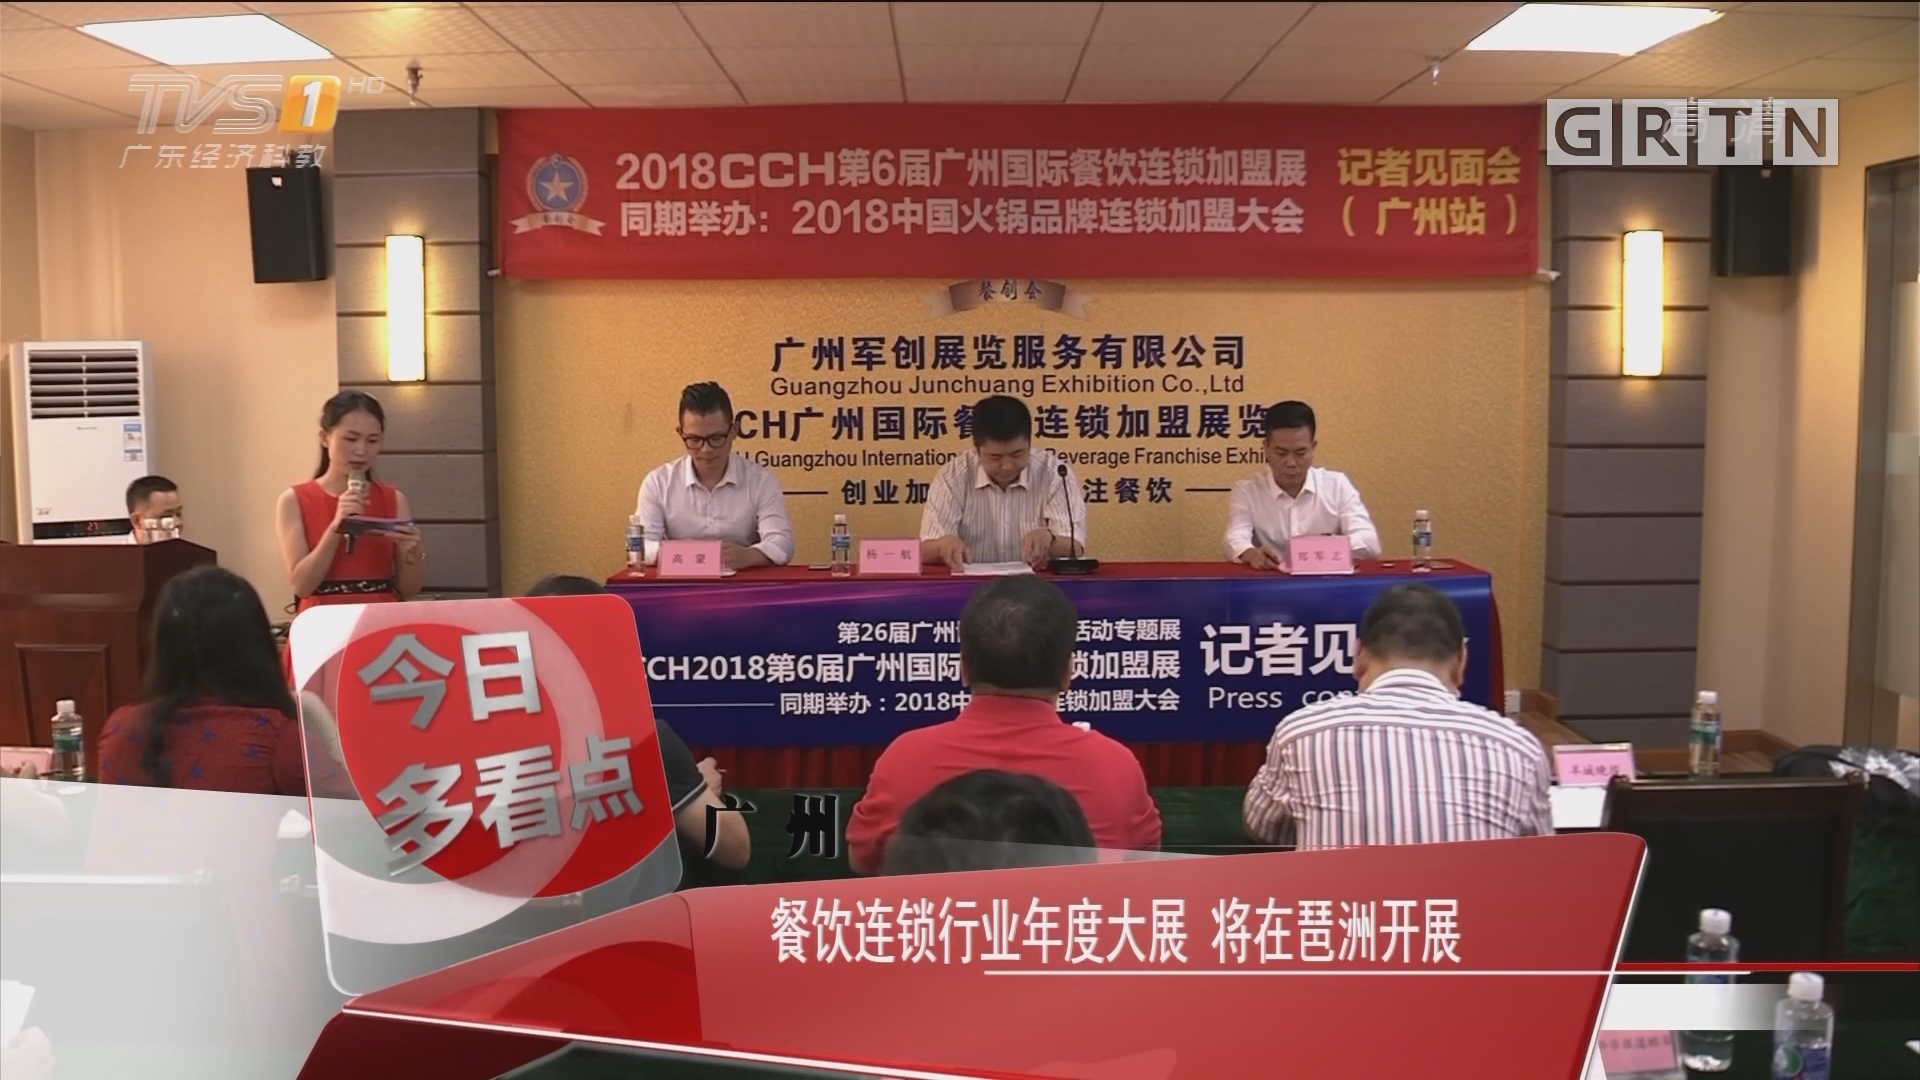 广州:餐饮连锁行业年度大展 将在琶洲开展